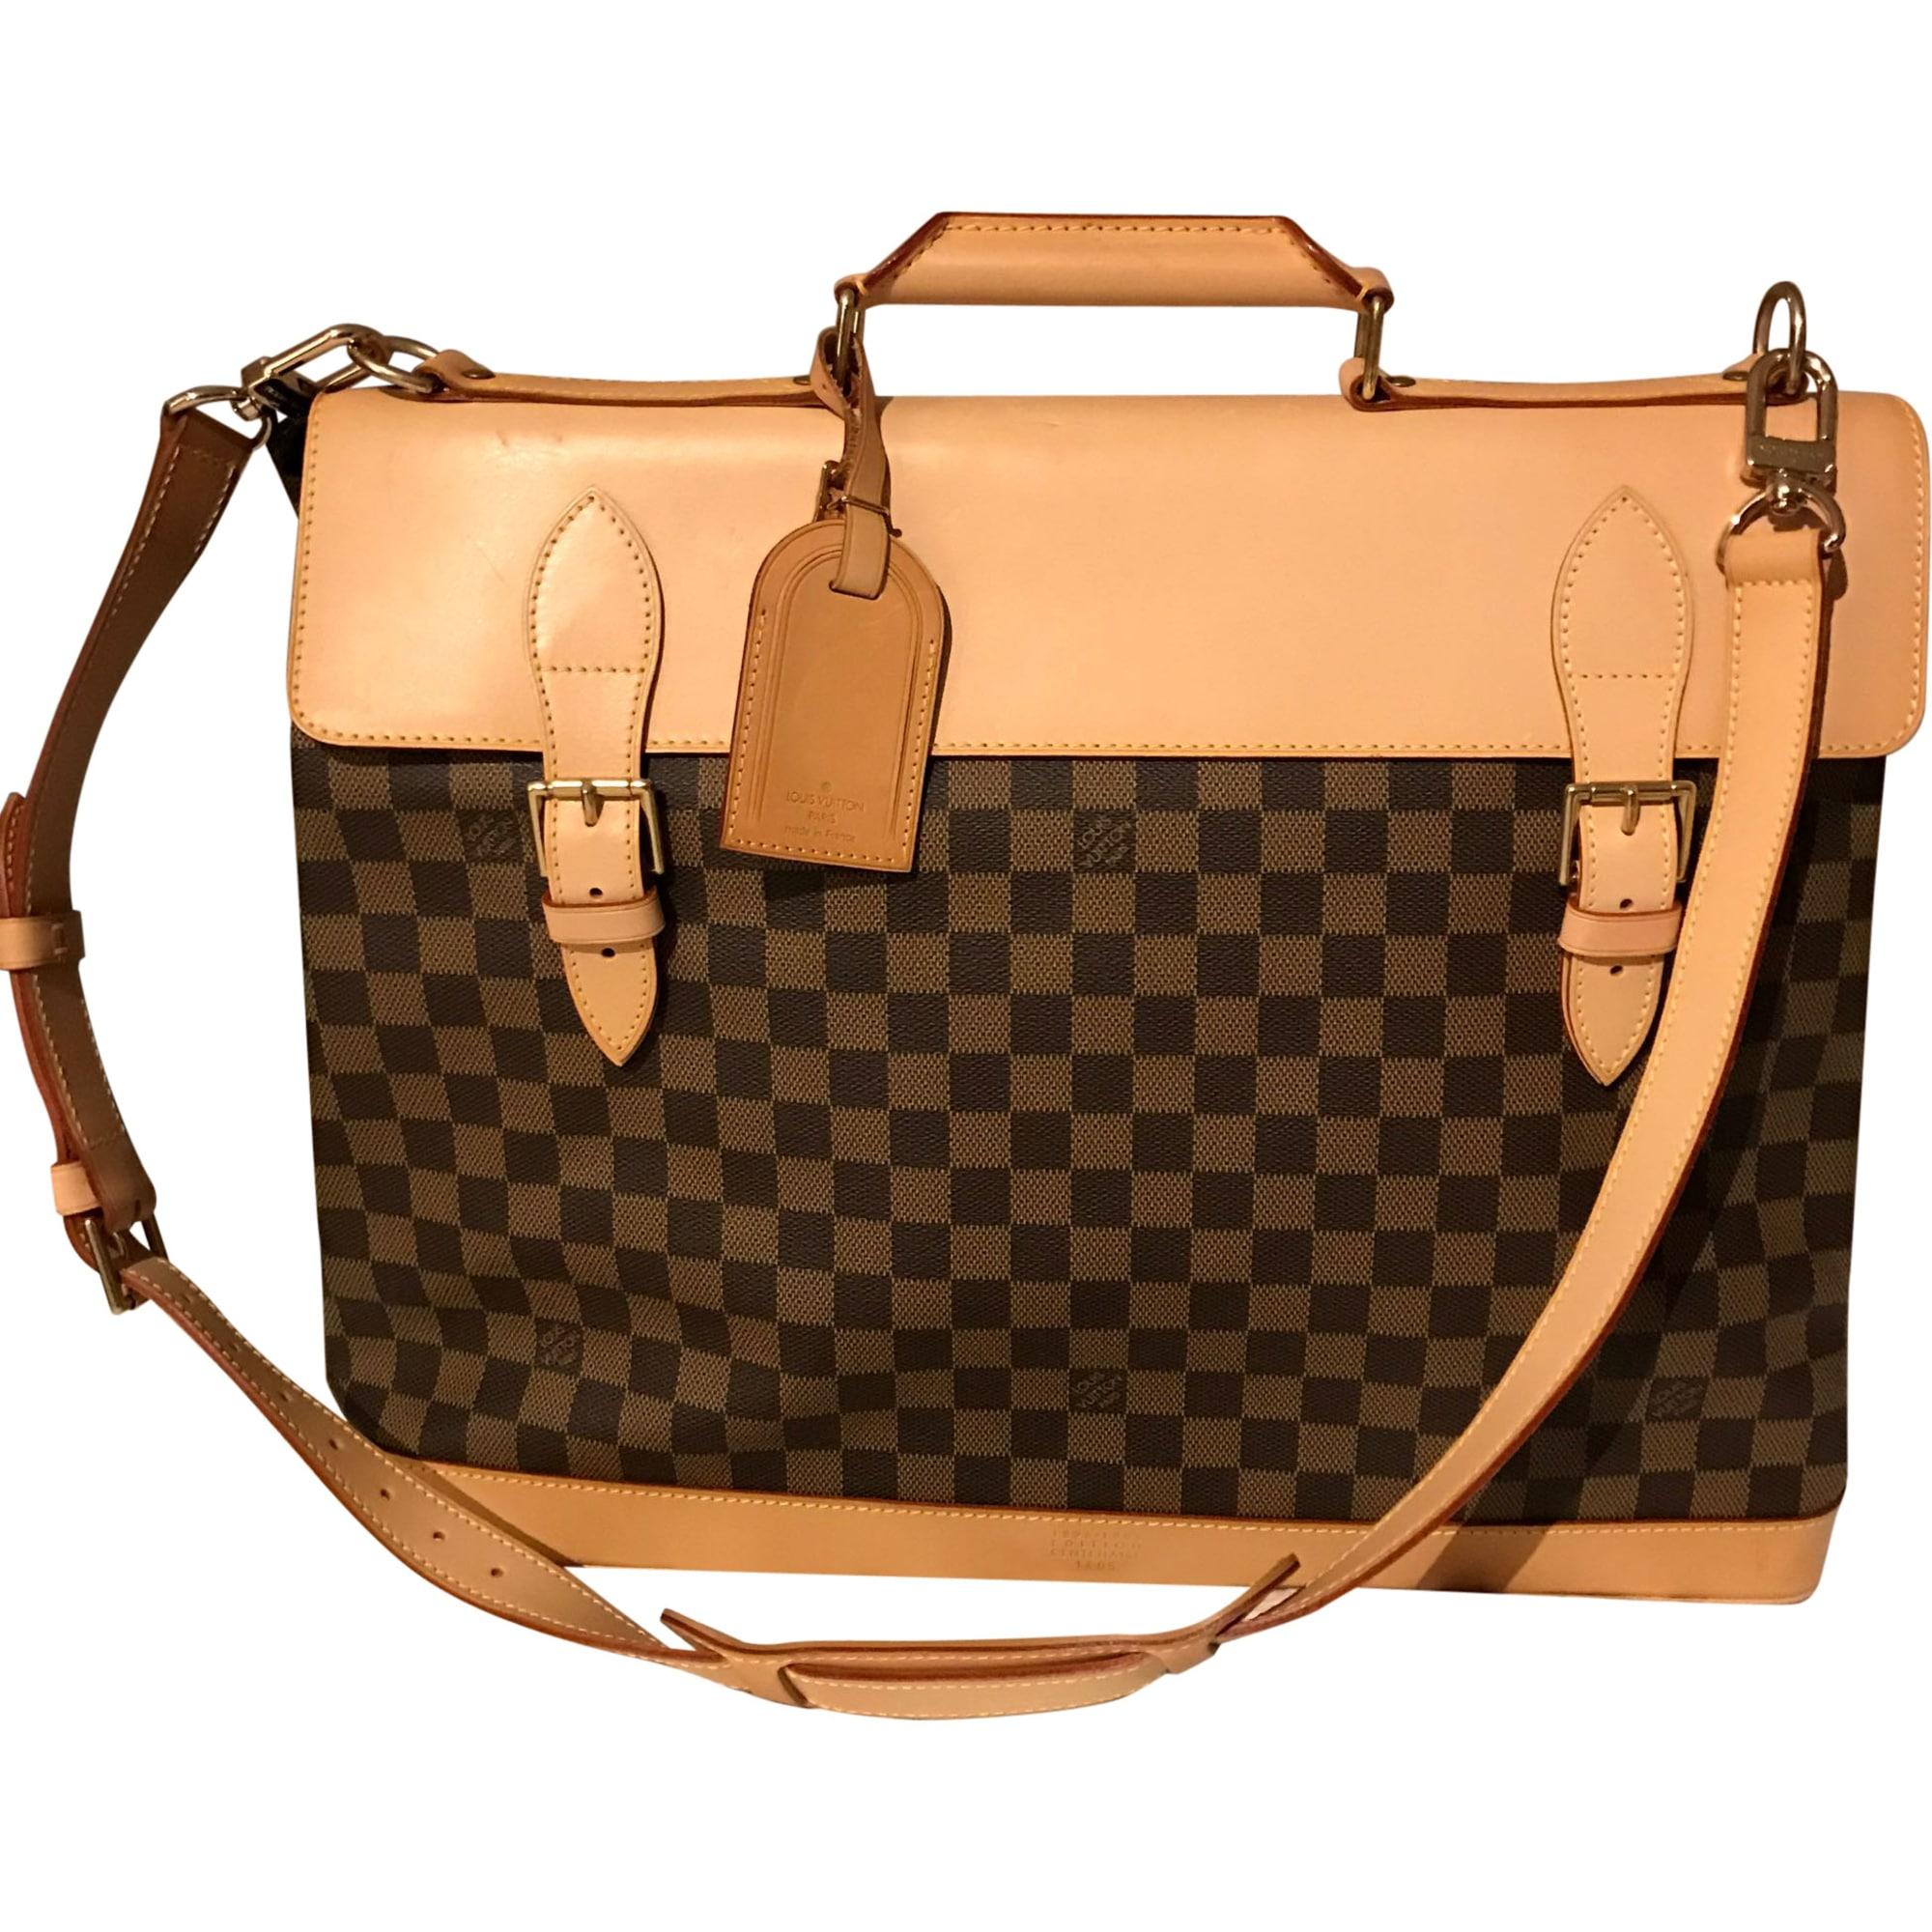 Sac XL en cuir LOUIS VUITTON marron vendu par L armoire de ... a6c2c0fd6a4